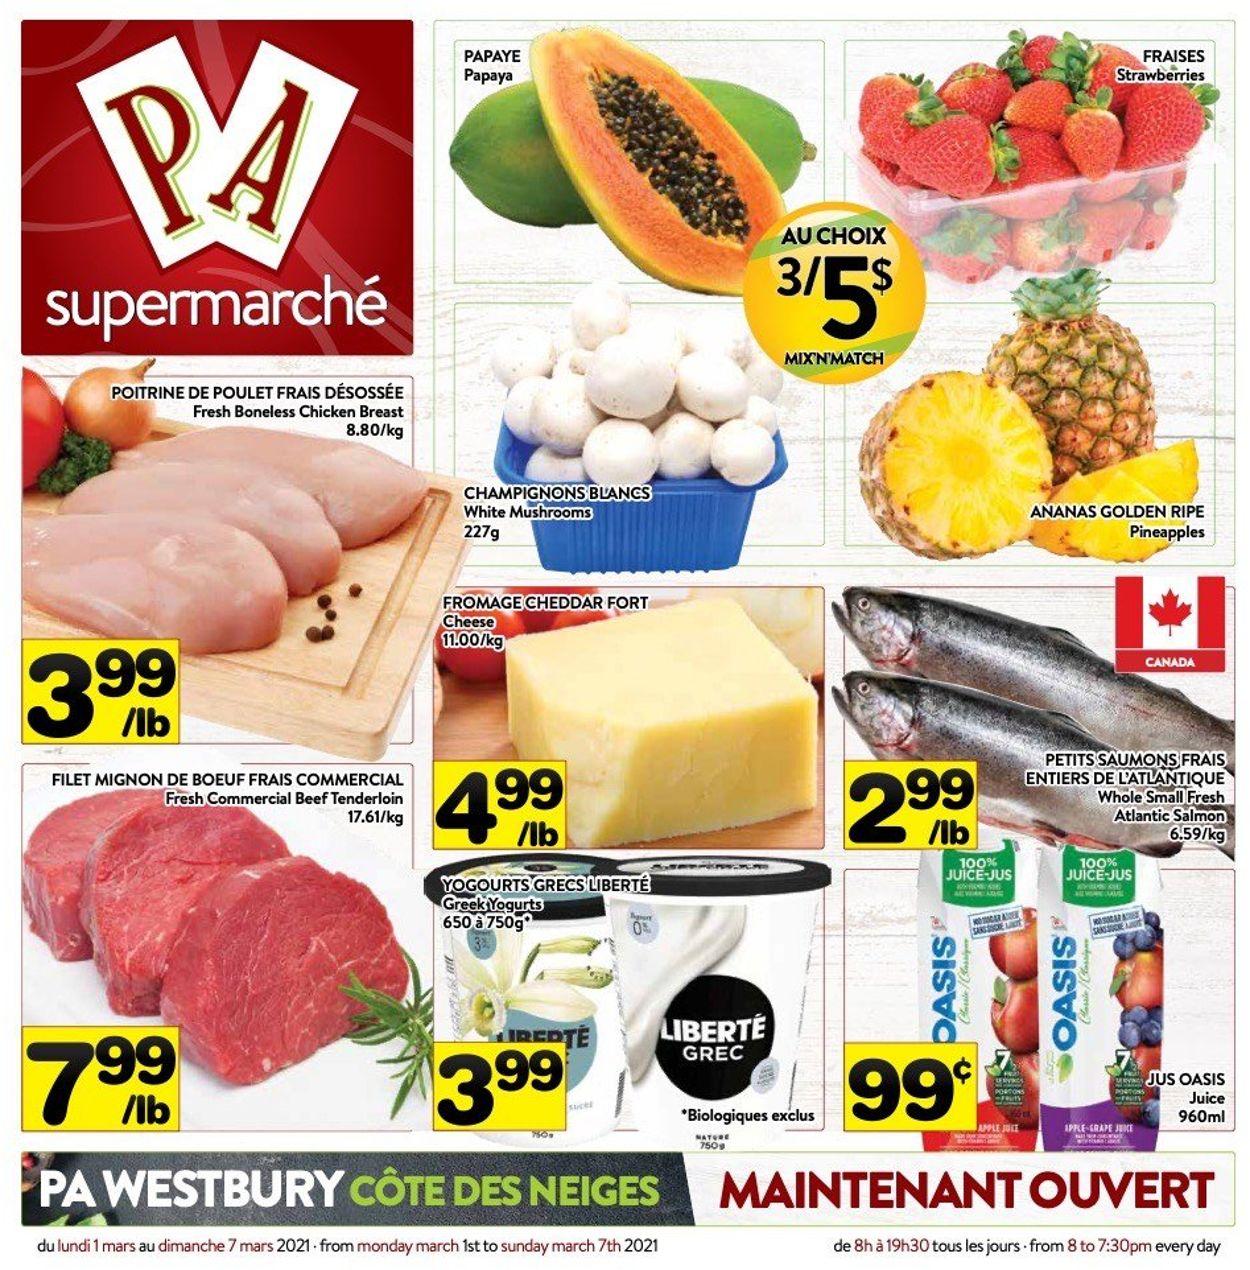 PA Supermarché Flyer - 03/01-03/07/2021